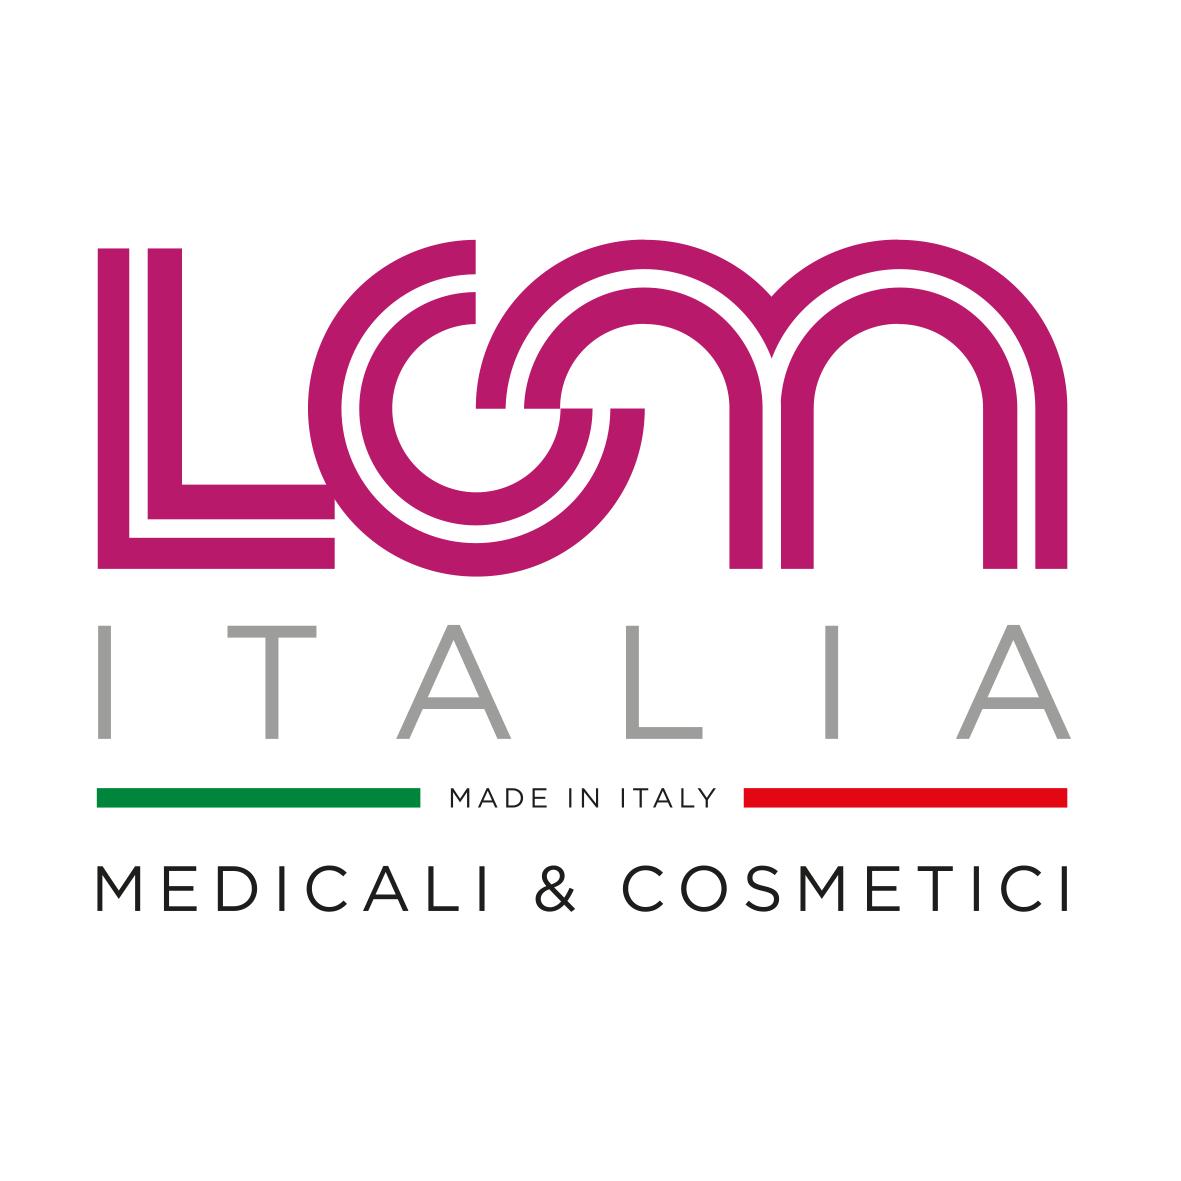 LGM Italia